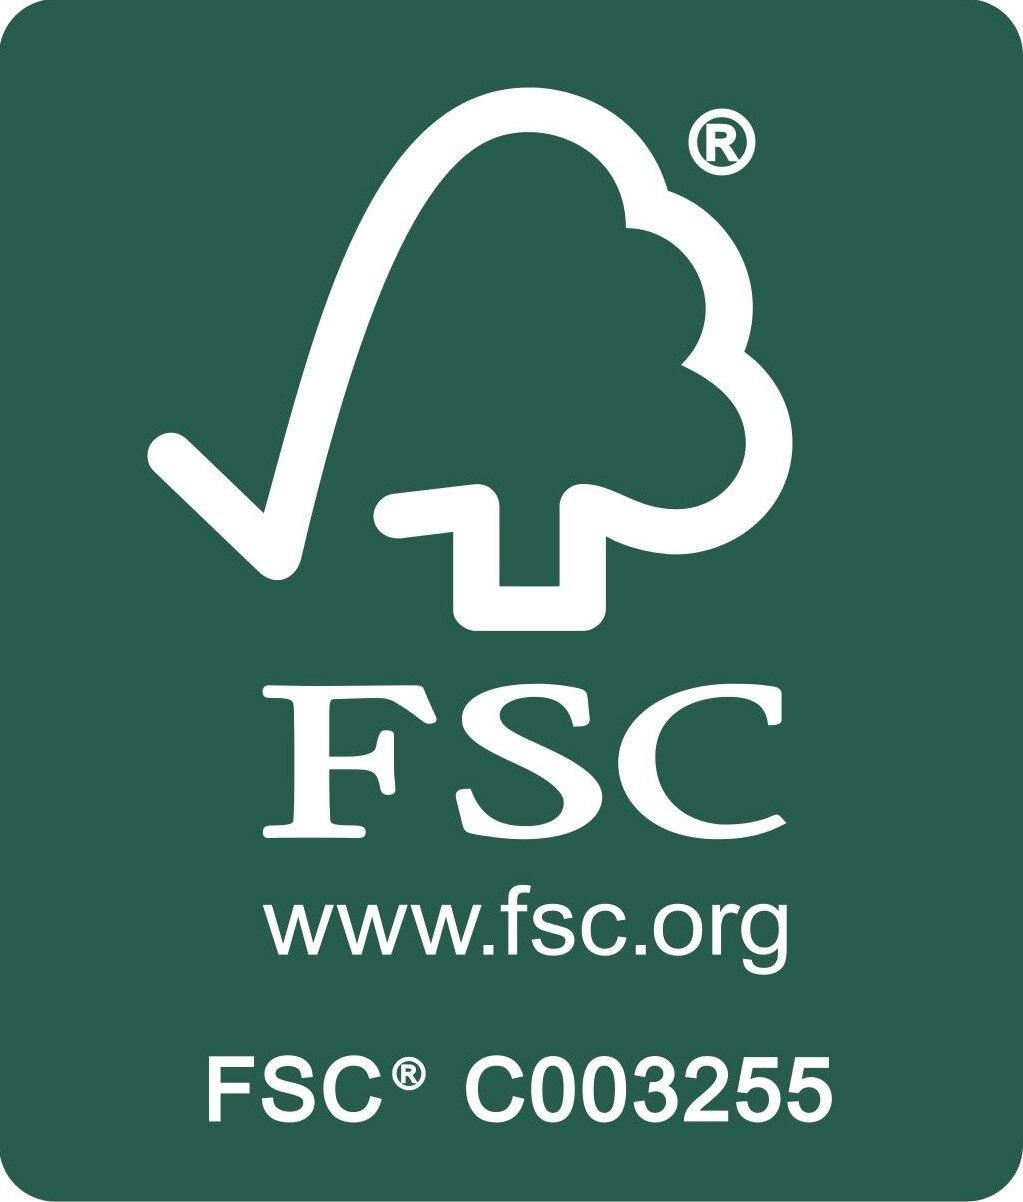 FSC_C003255_100_None_Portrait_WhiteOnGreen_r_YImNXR.jpeg